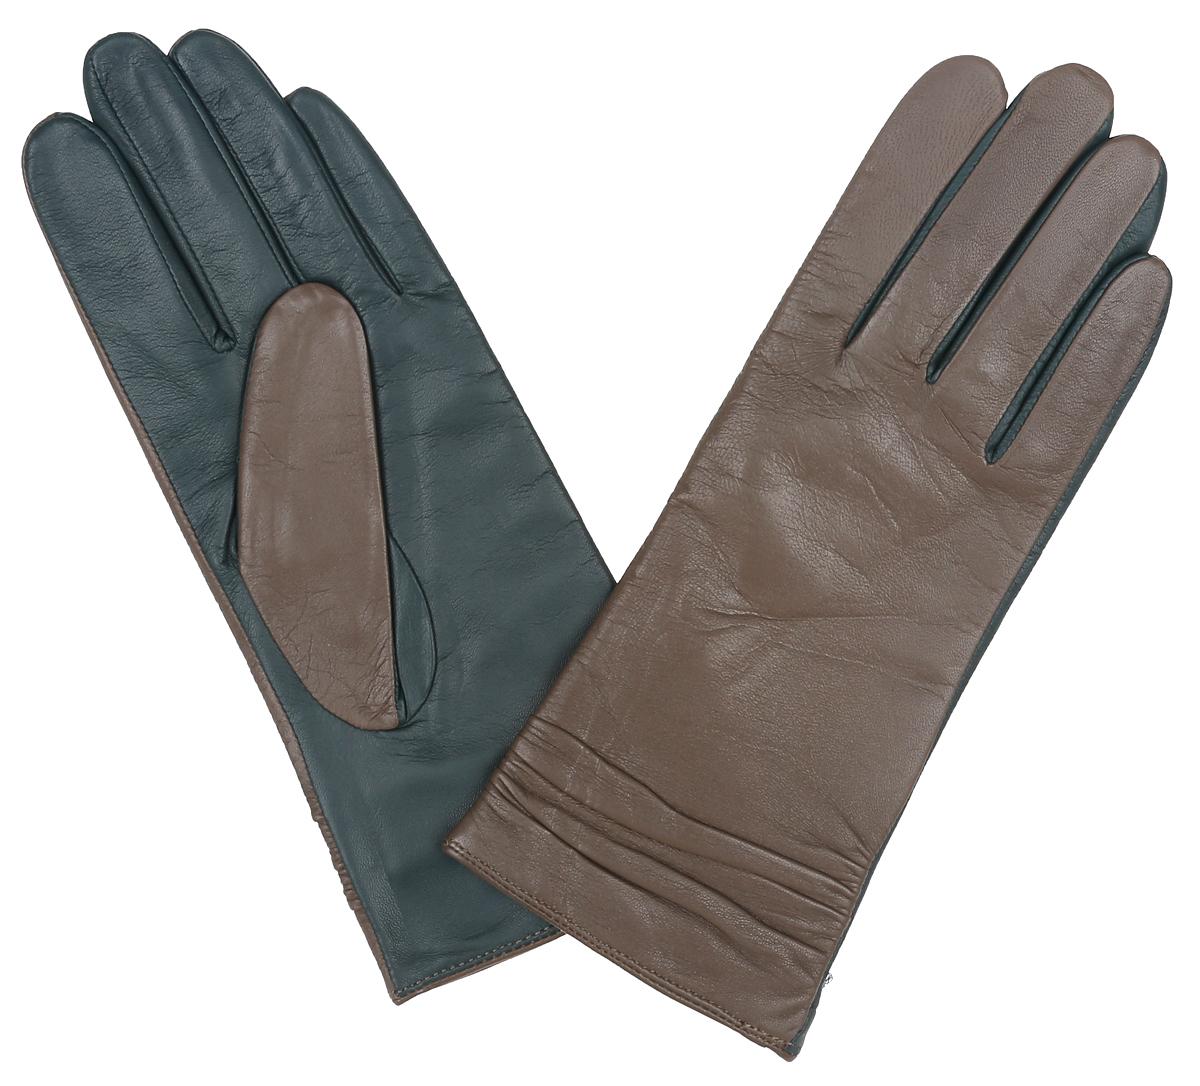 Перчатки женские Labbra, цвет: серо-коричневый, пыльно-зеленый. LB-8338. Размер 8LB-8338Классические женские перчатки Labbra не только защитят ваши руки, но и станутвеликолепным украшением. Перчатки выполнены из чрезвычайно мягкой иприятной на ощупь натуральной кожи ягненка, а их подкладка - из натуральнойшерсти с добавлением акрила.Отделка - комбинирование контрастных цветов кожи. Модель декорирована сборкой по всей длине манжеты.В настоящее время перчатки являются неотъемлемой принадлежностью одежды, вместе с этим аксессуаром вы обретаете женственность и элегантность. Перчатки станут завершающим и подчеркивающим элементом вашего стиля и неповторимости.